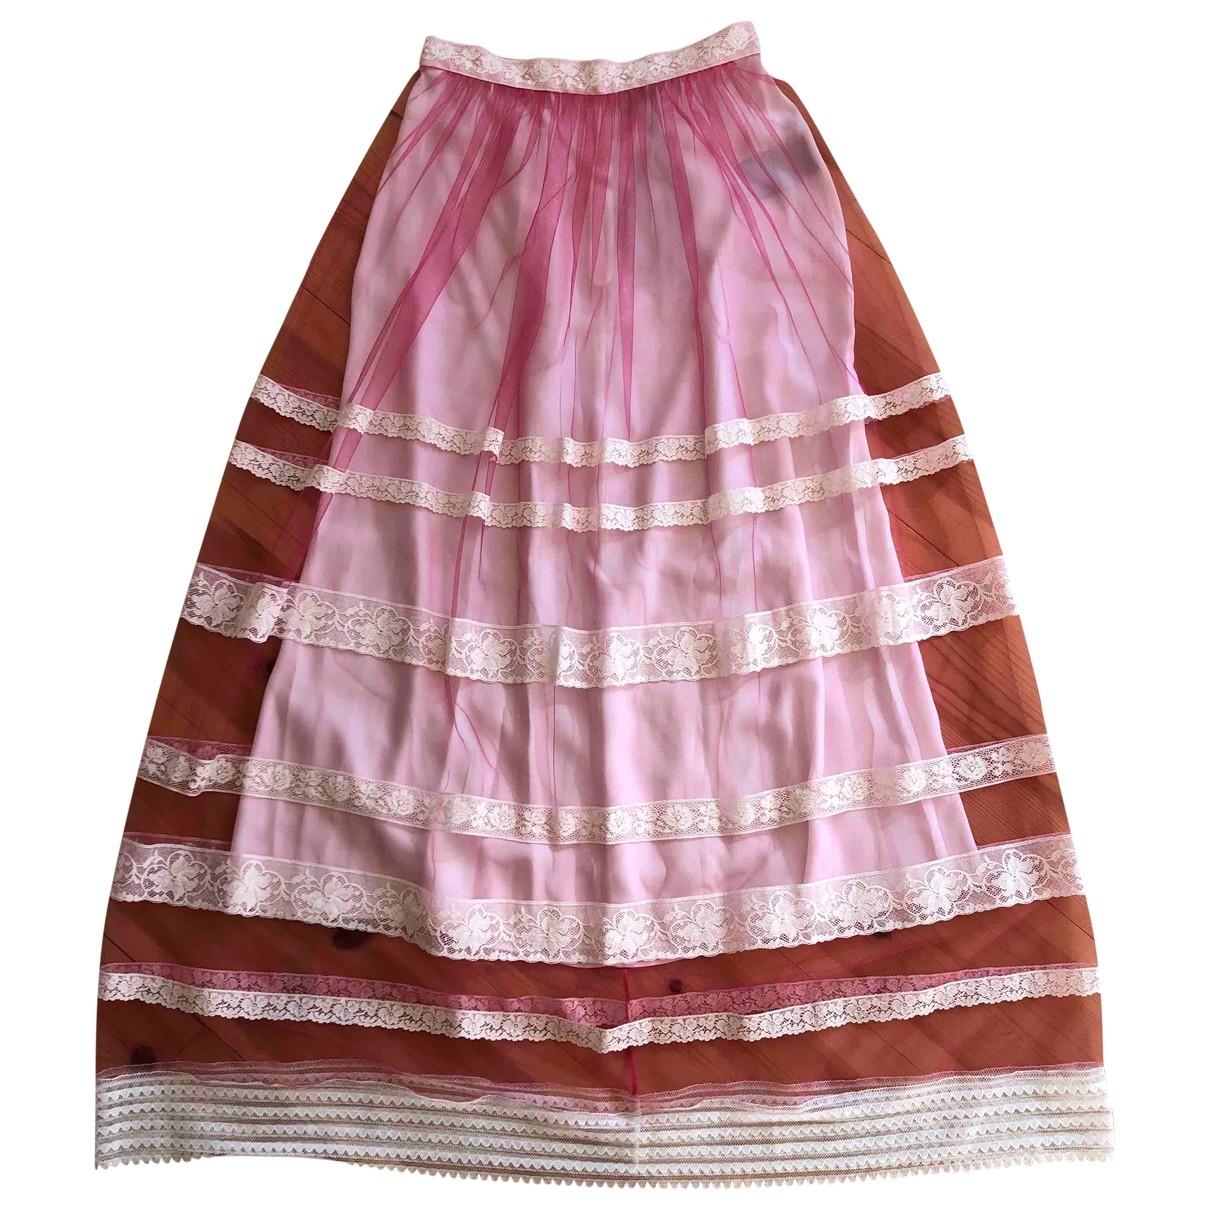 Burberry \N Pink skirt for Women 6 UK